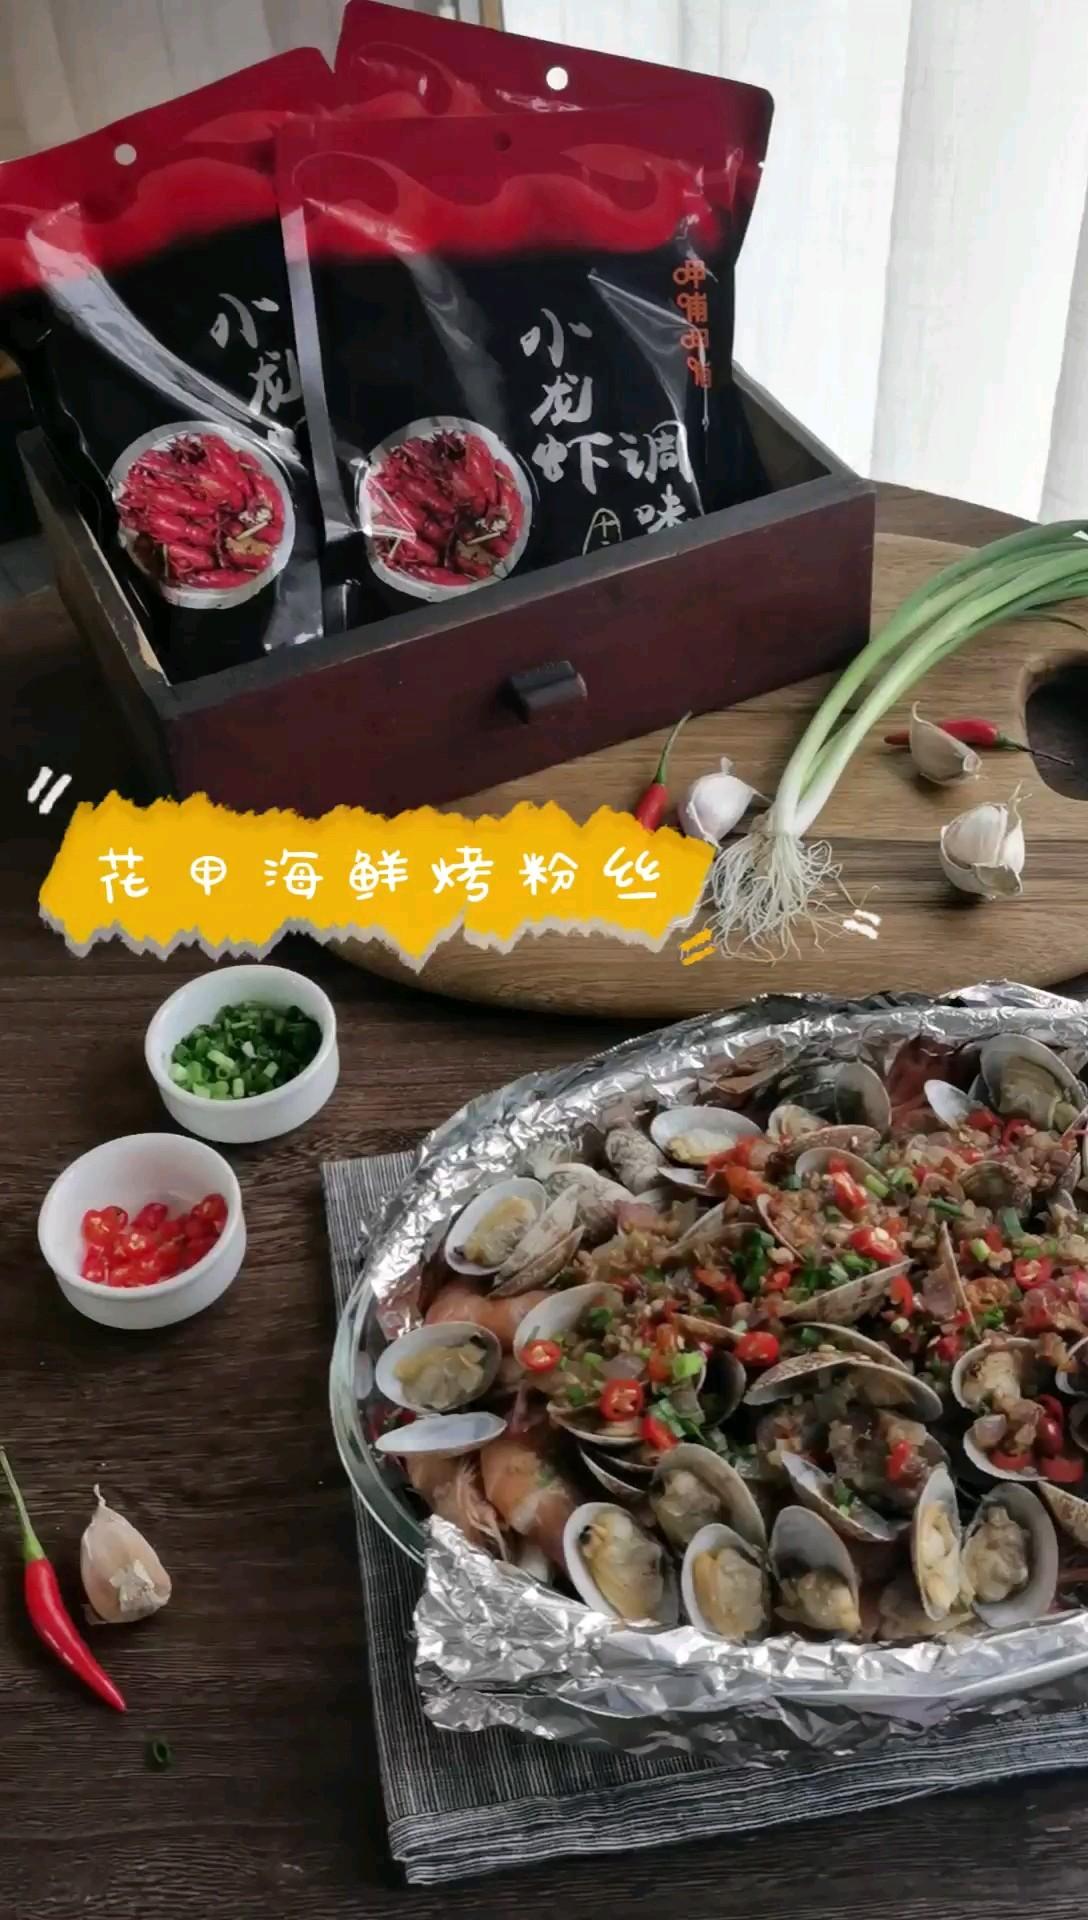 花甲鲜虾焗粉丝的做法